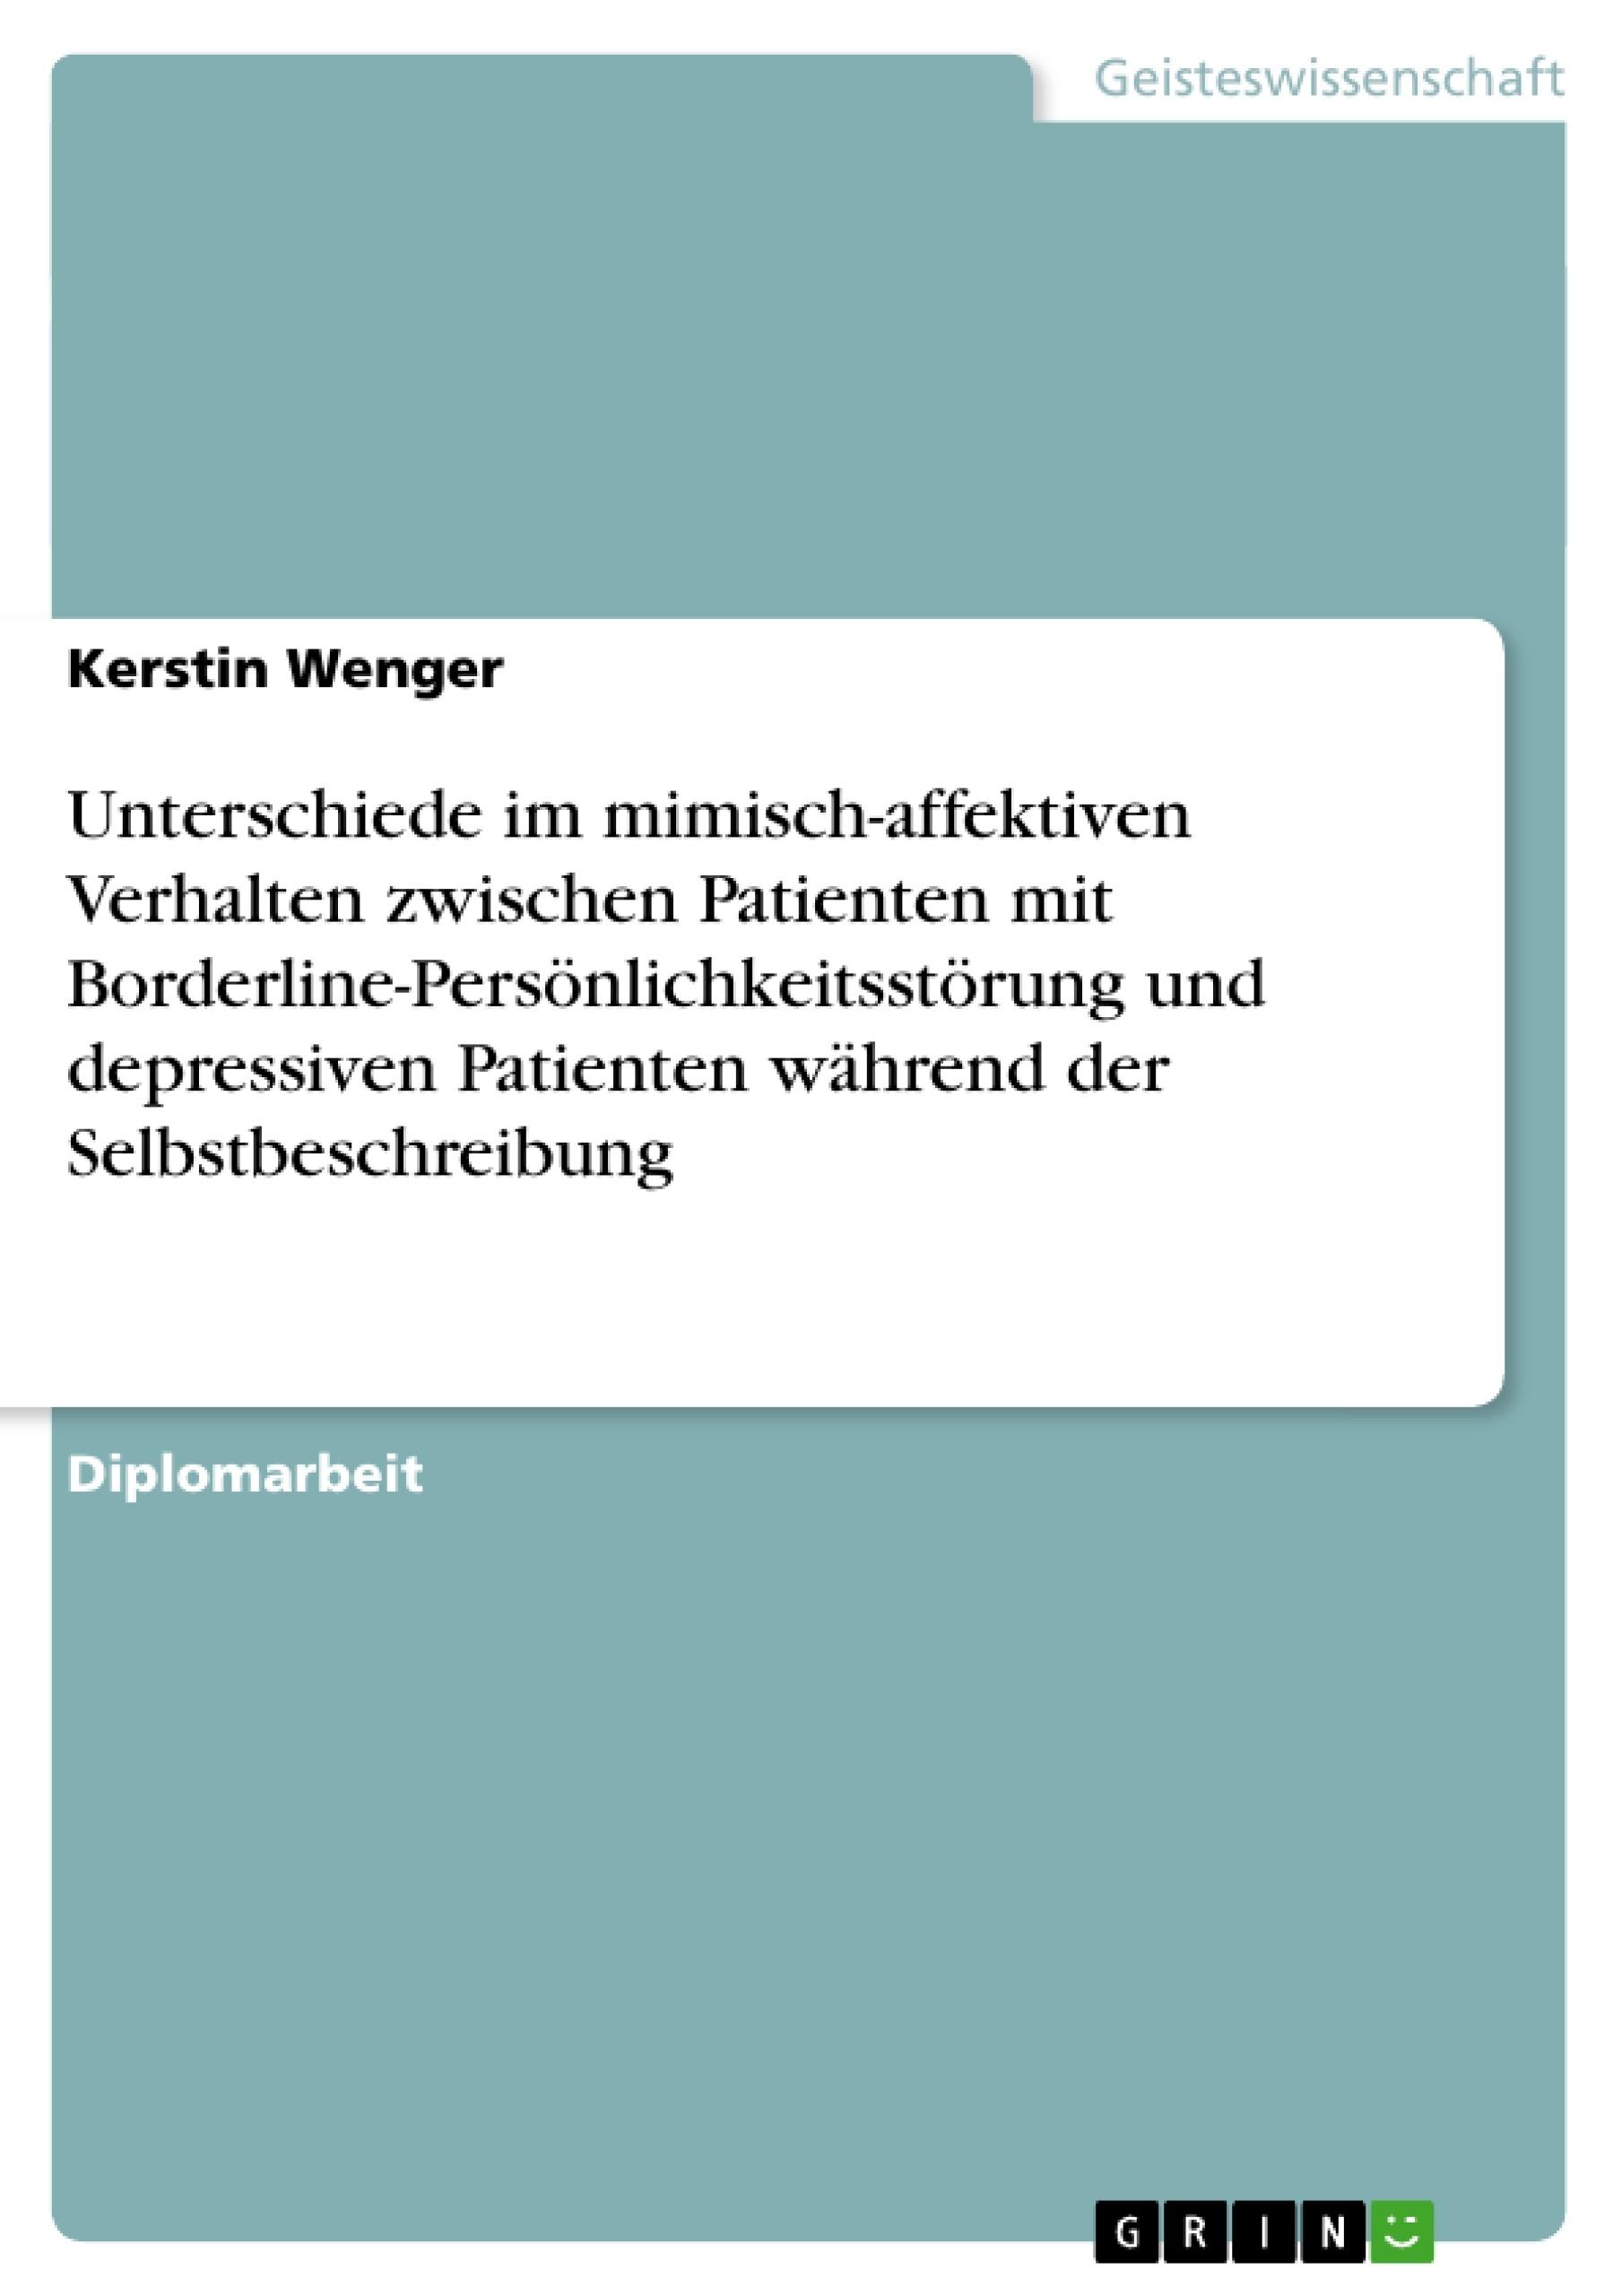 Titel: Unterschiede im mimisch-affektiven Verhalten zwischen Patienten mit Borderline-Persönlichkeitsstörung und depressiven Patienten während der Selbstbeschreibung